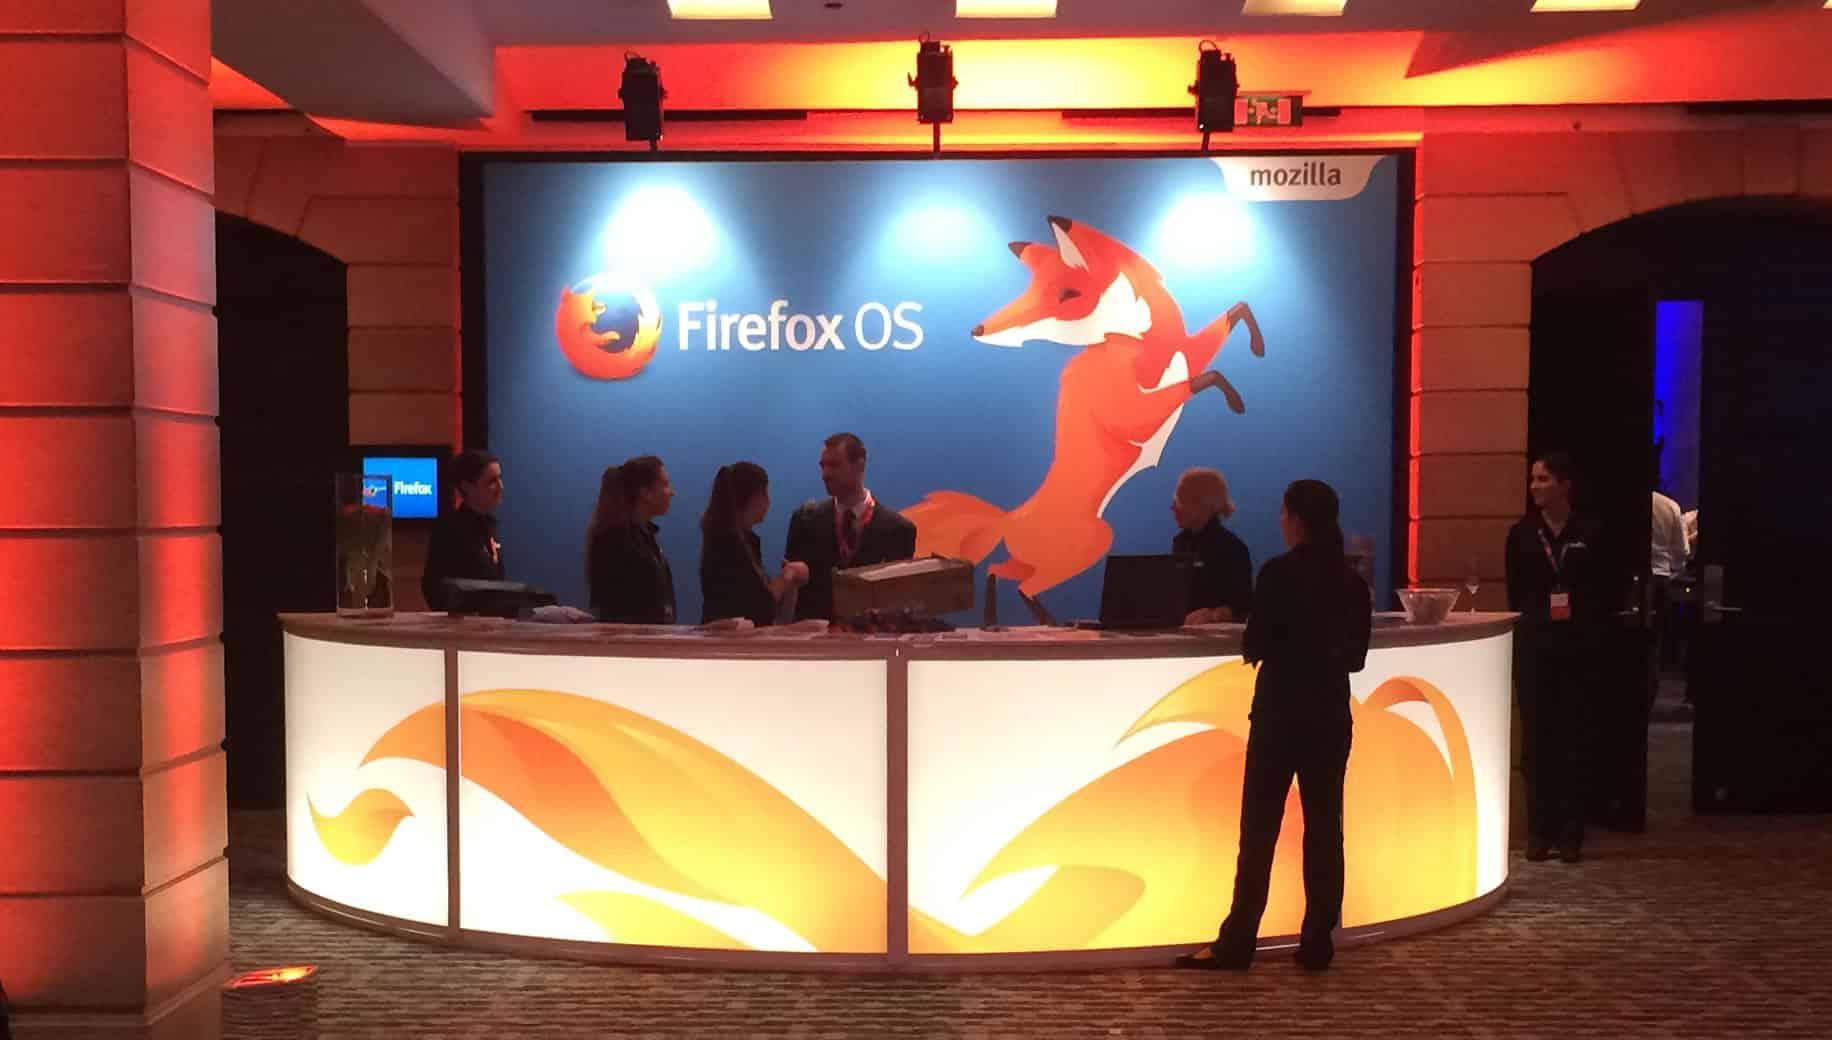 Stand de recepción para la conferencia de Firefox OS y Telefónica.